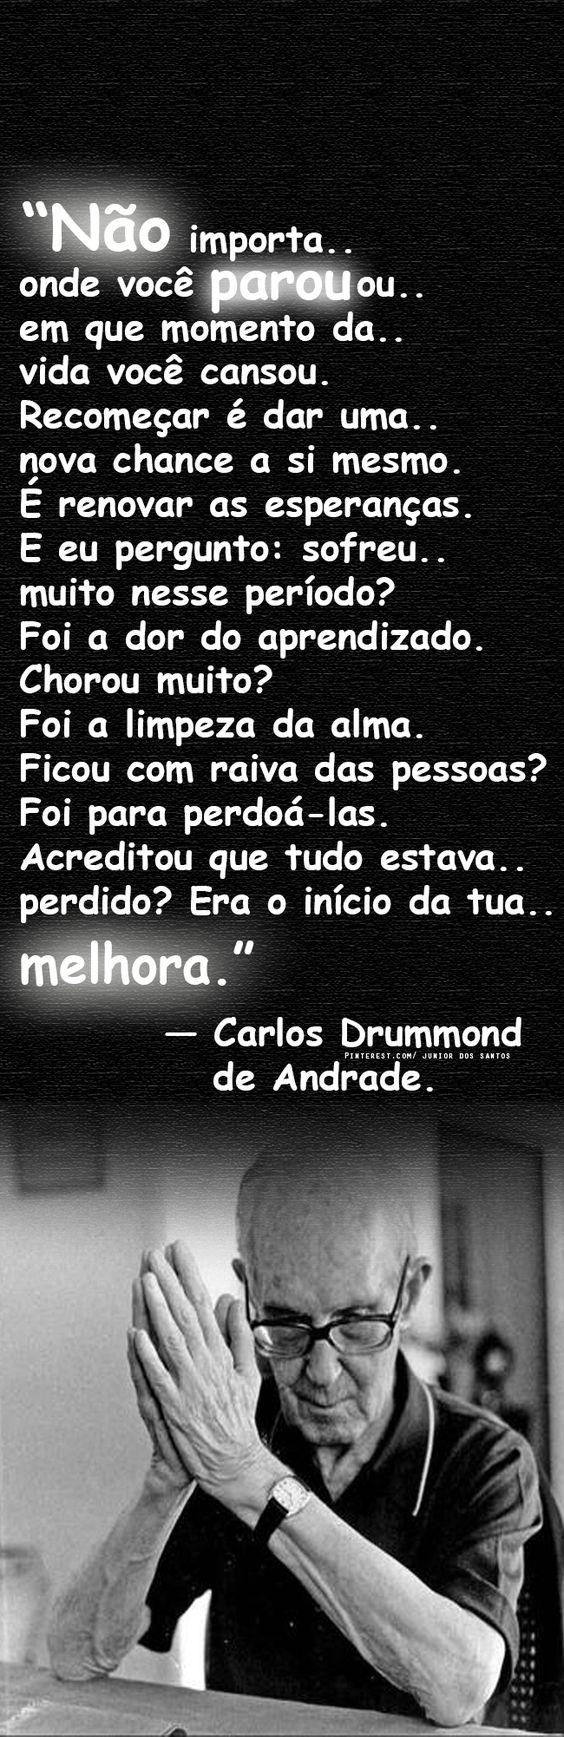 — Carlos Drummond de Andrade.